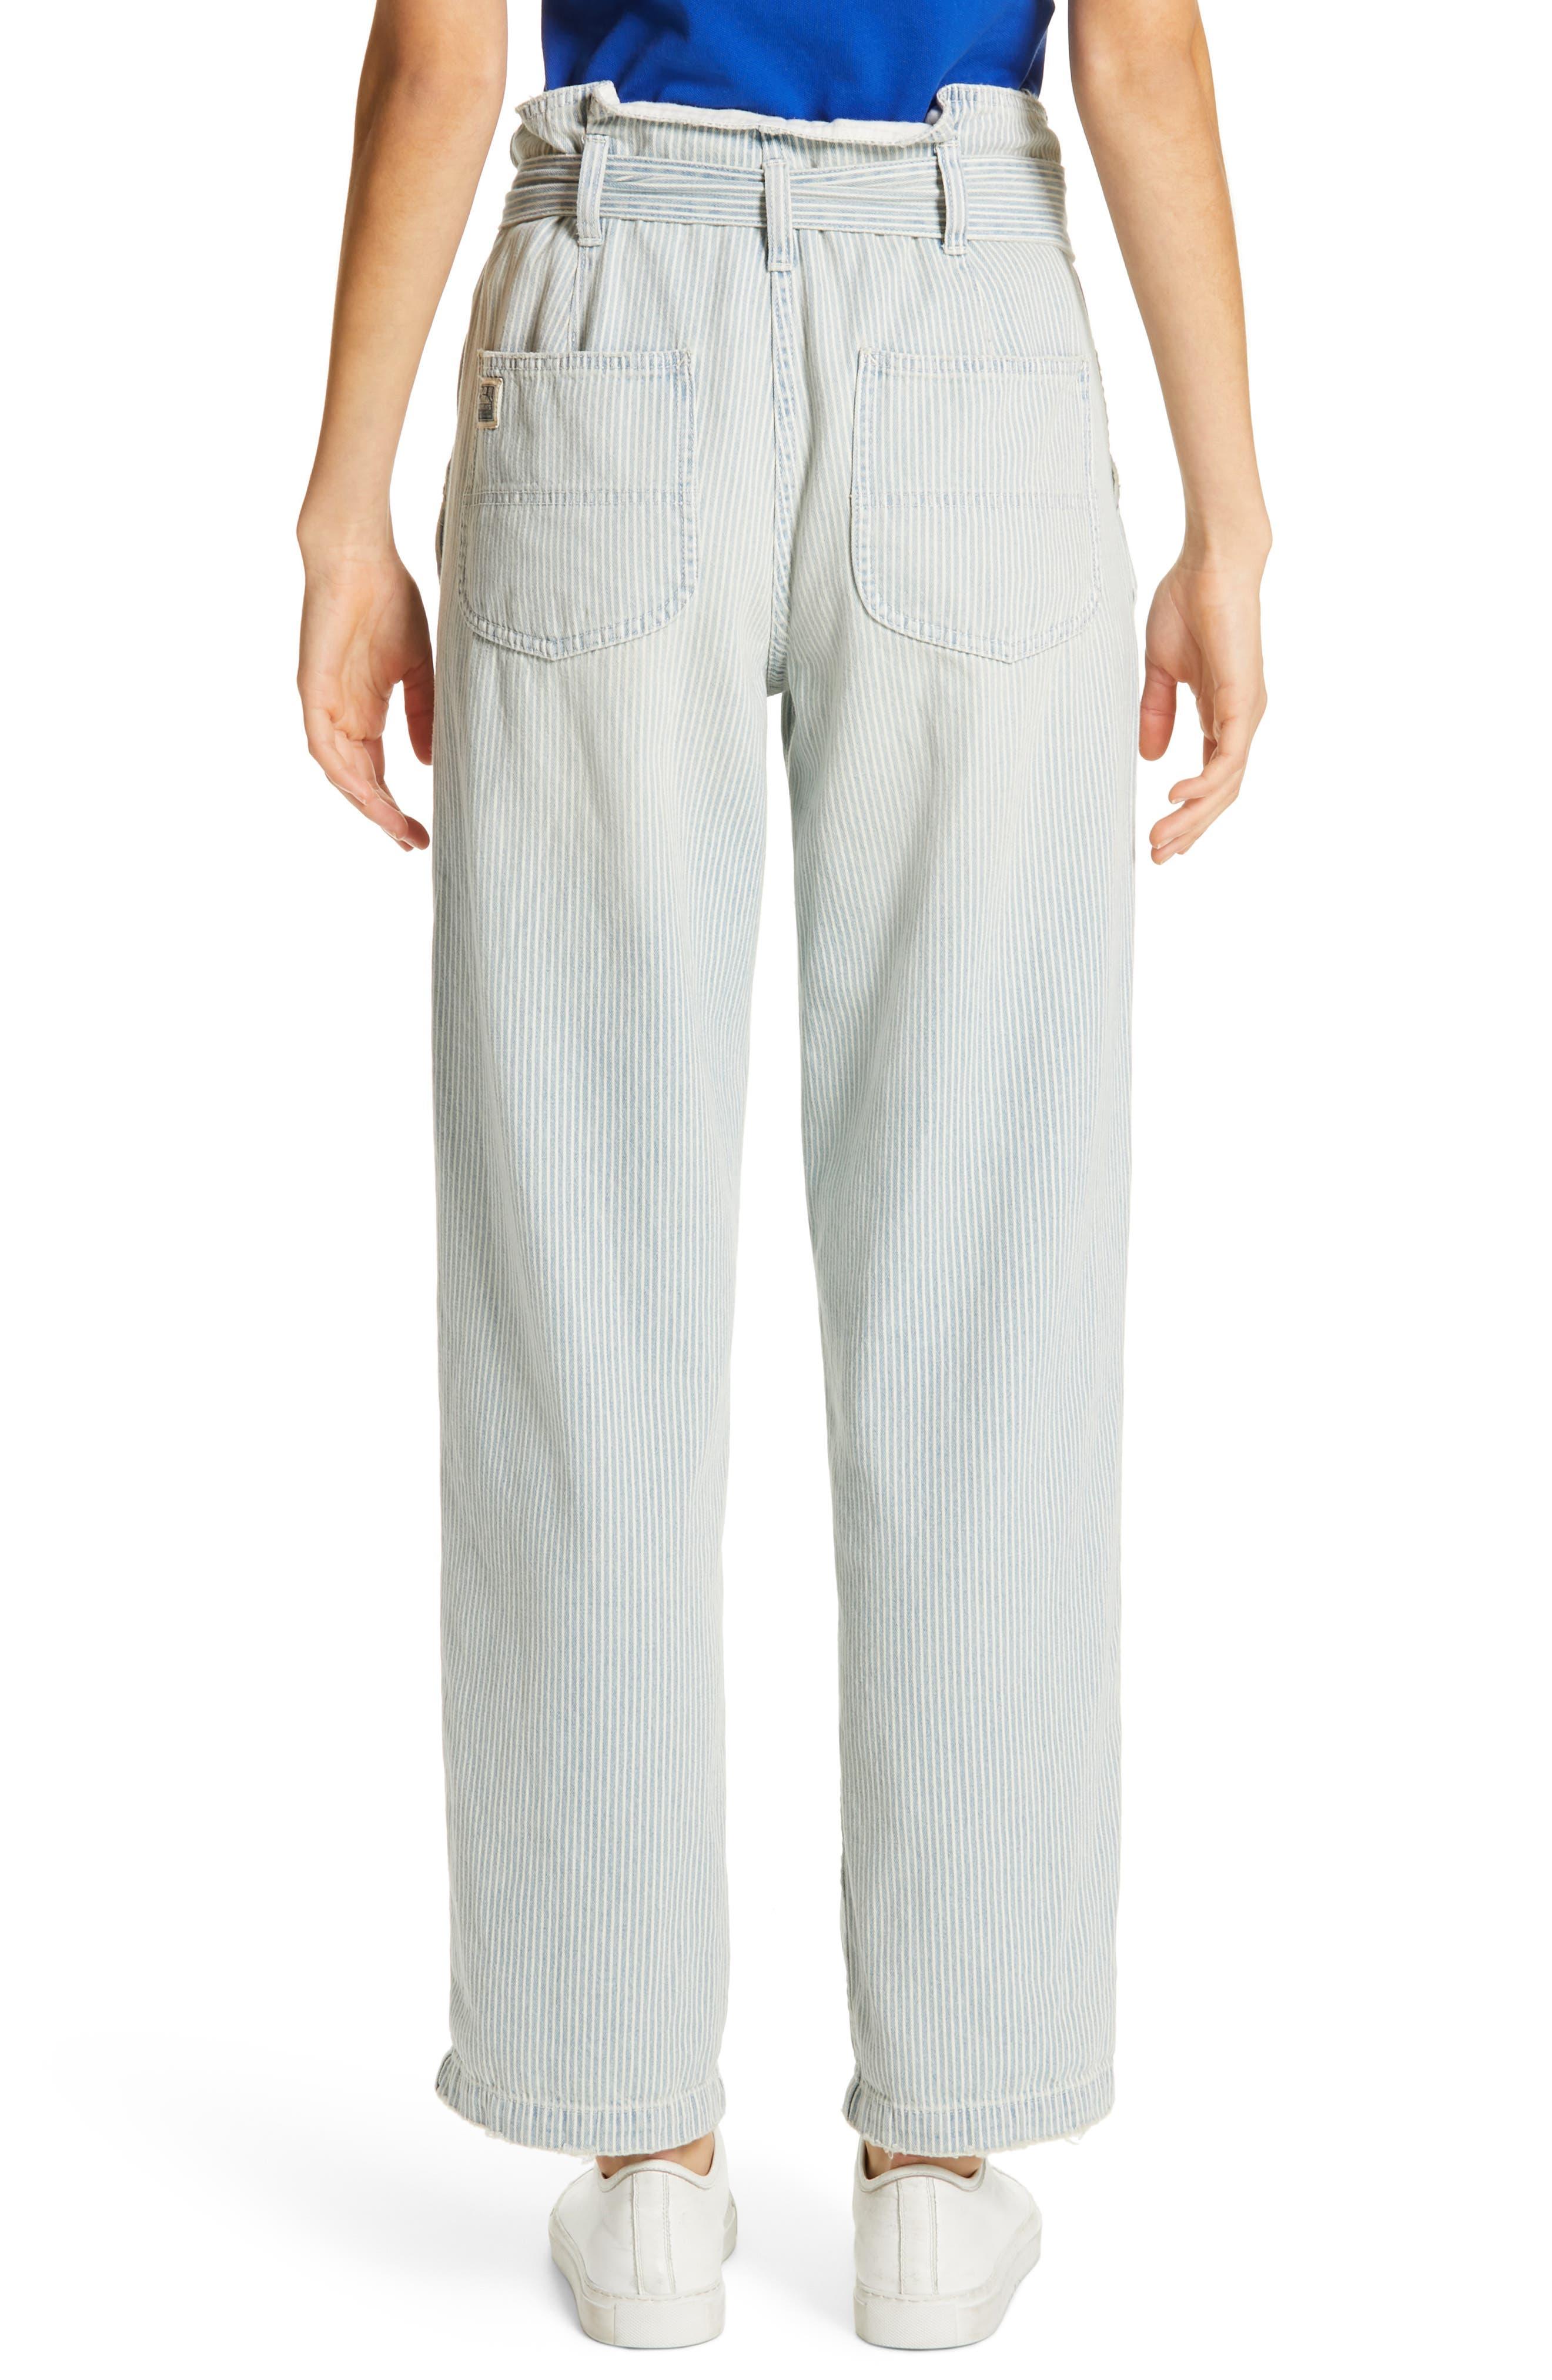 POLO RALPH LAUREN, Paperbag Waist Jeans, Alternate thumbnail 2, color, RAILROAD STRIPE